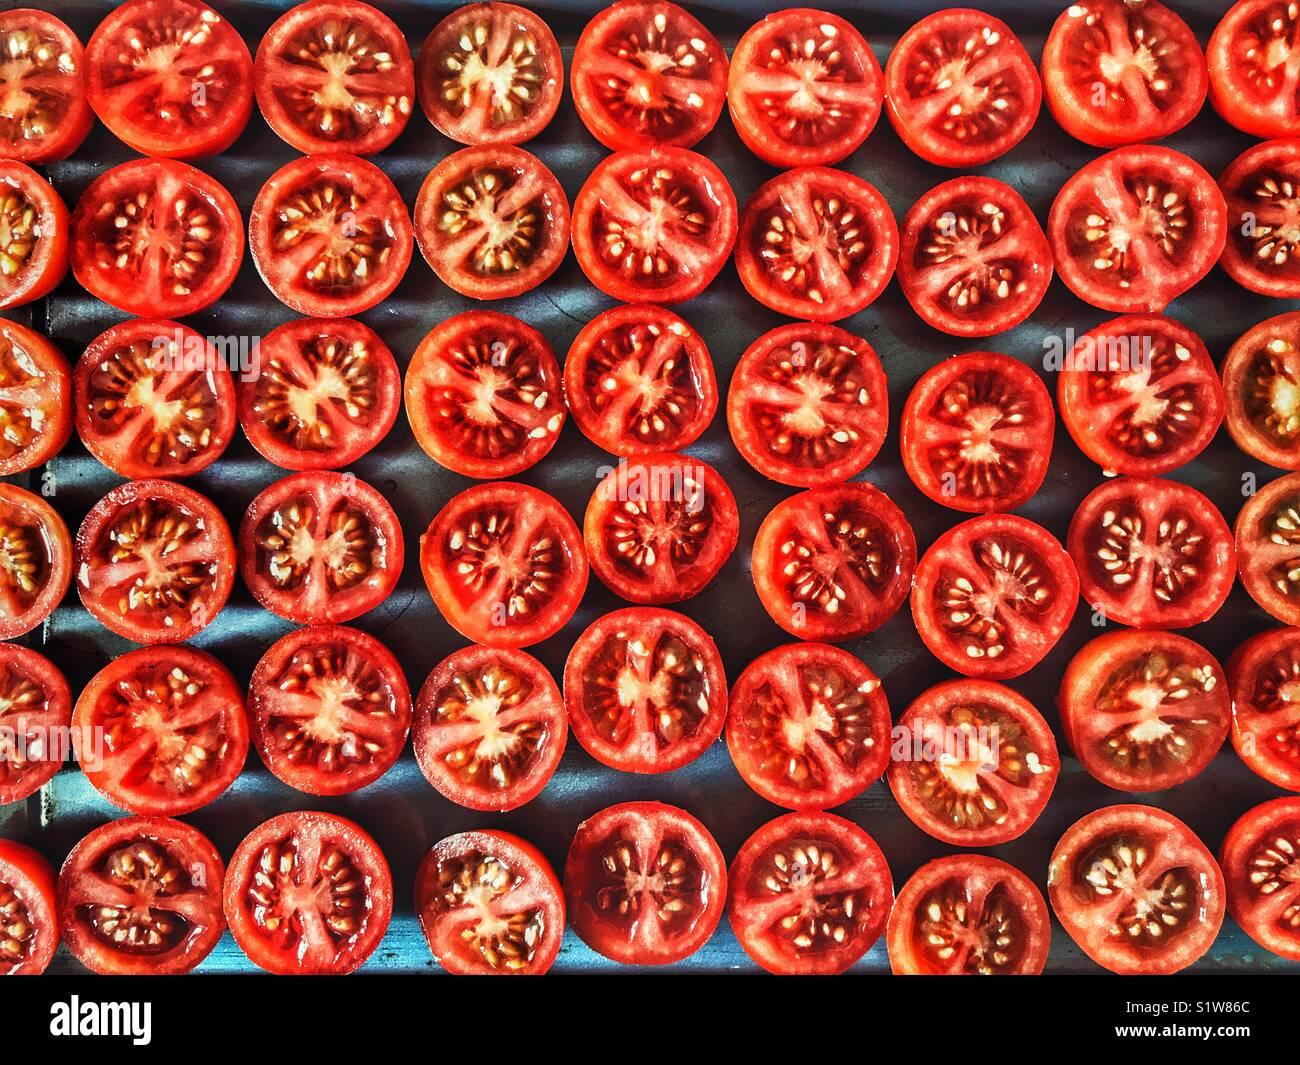 Tomates Cherry, sobre una bandeja para hornear preparada para ser asado en el horno Imagen De Stock